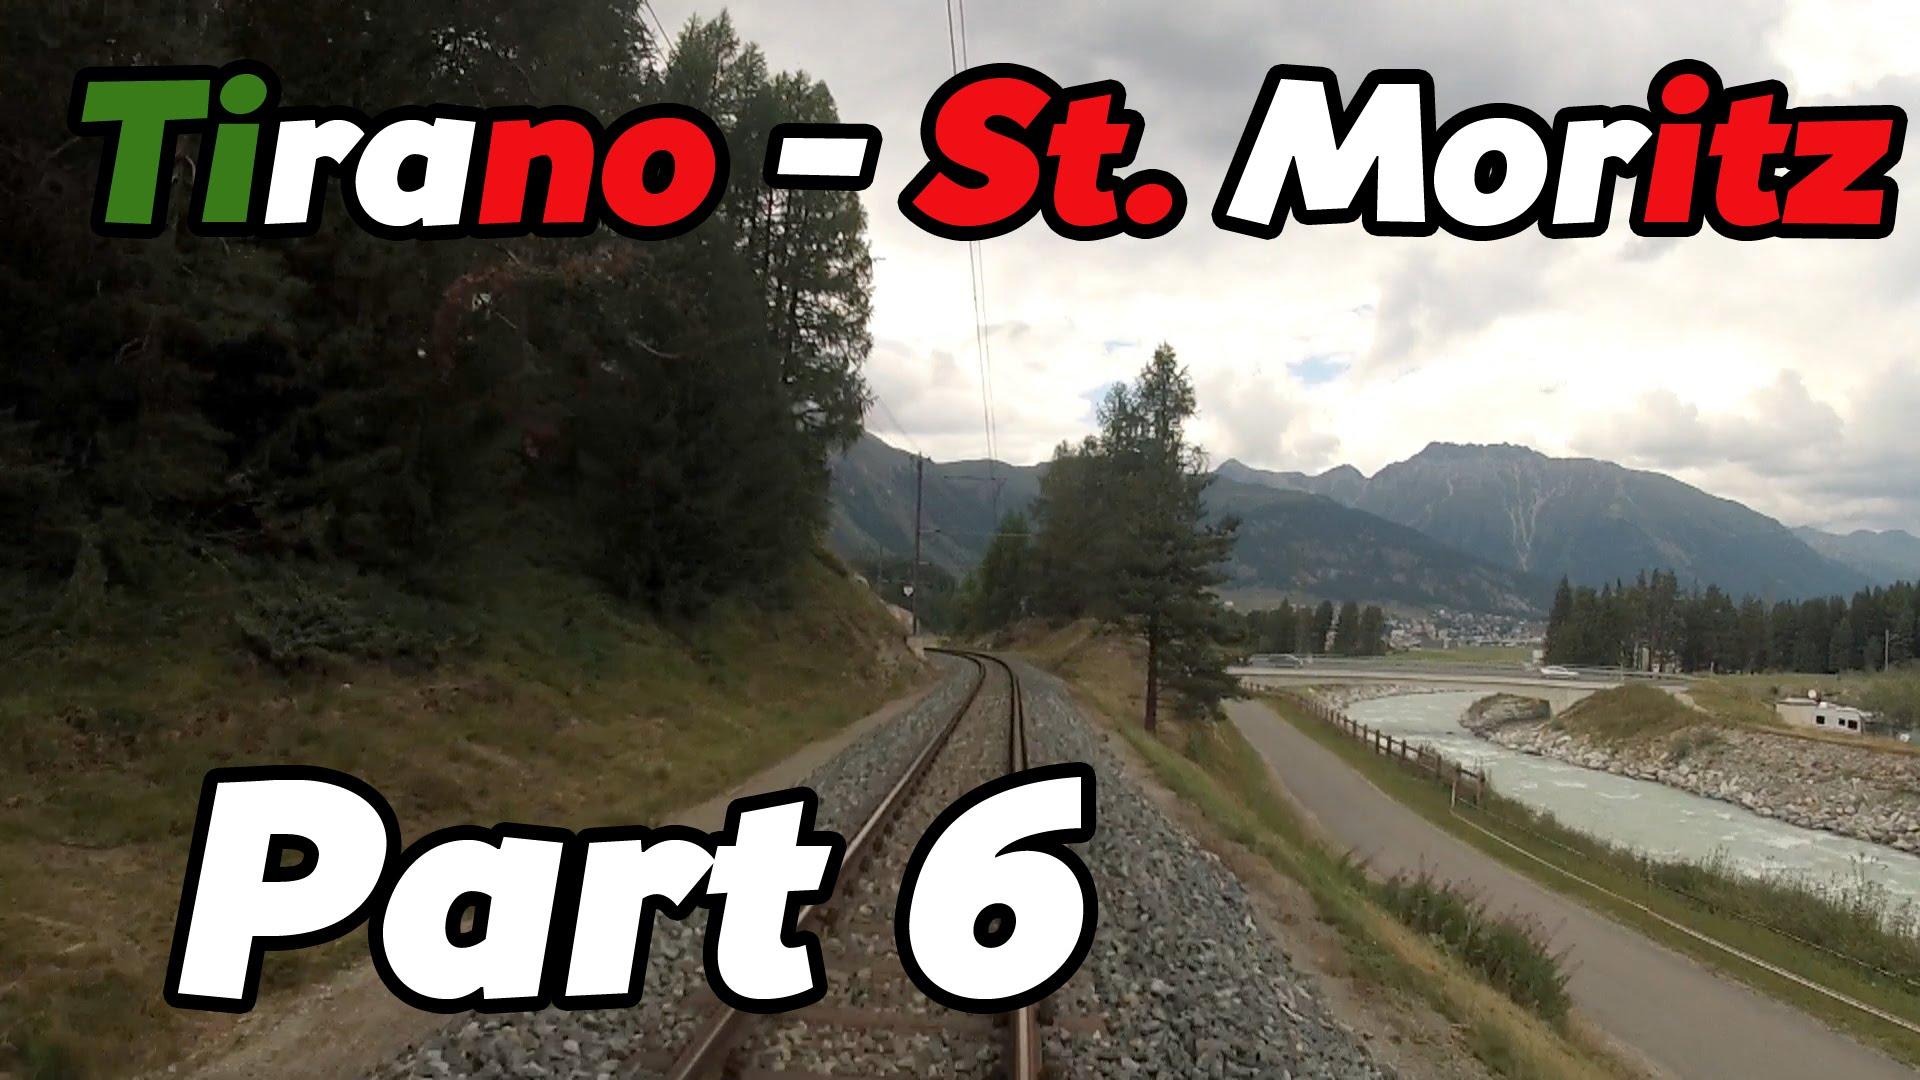 Cabride RhB Tirano – St. Moritz PART 6 [HD]